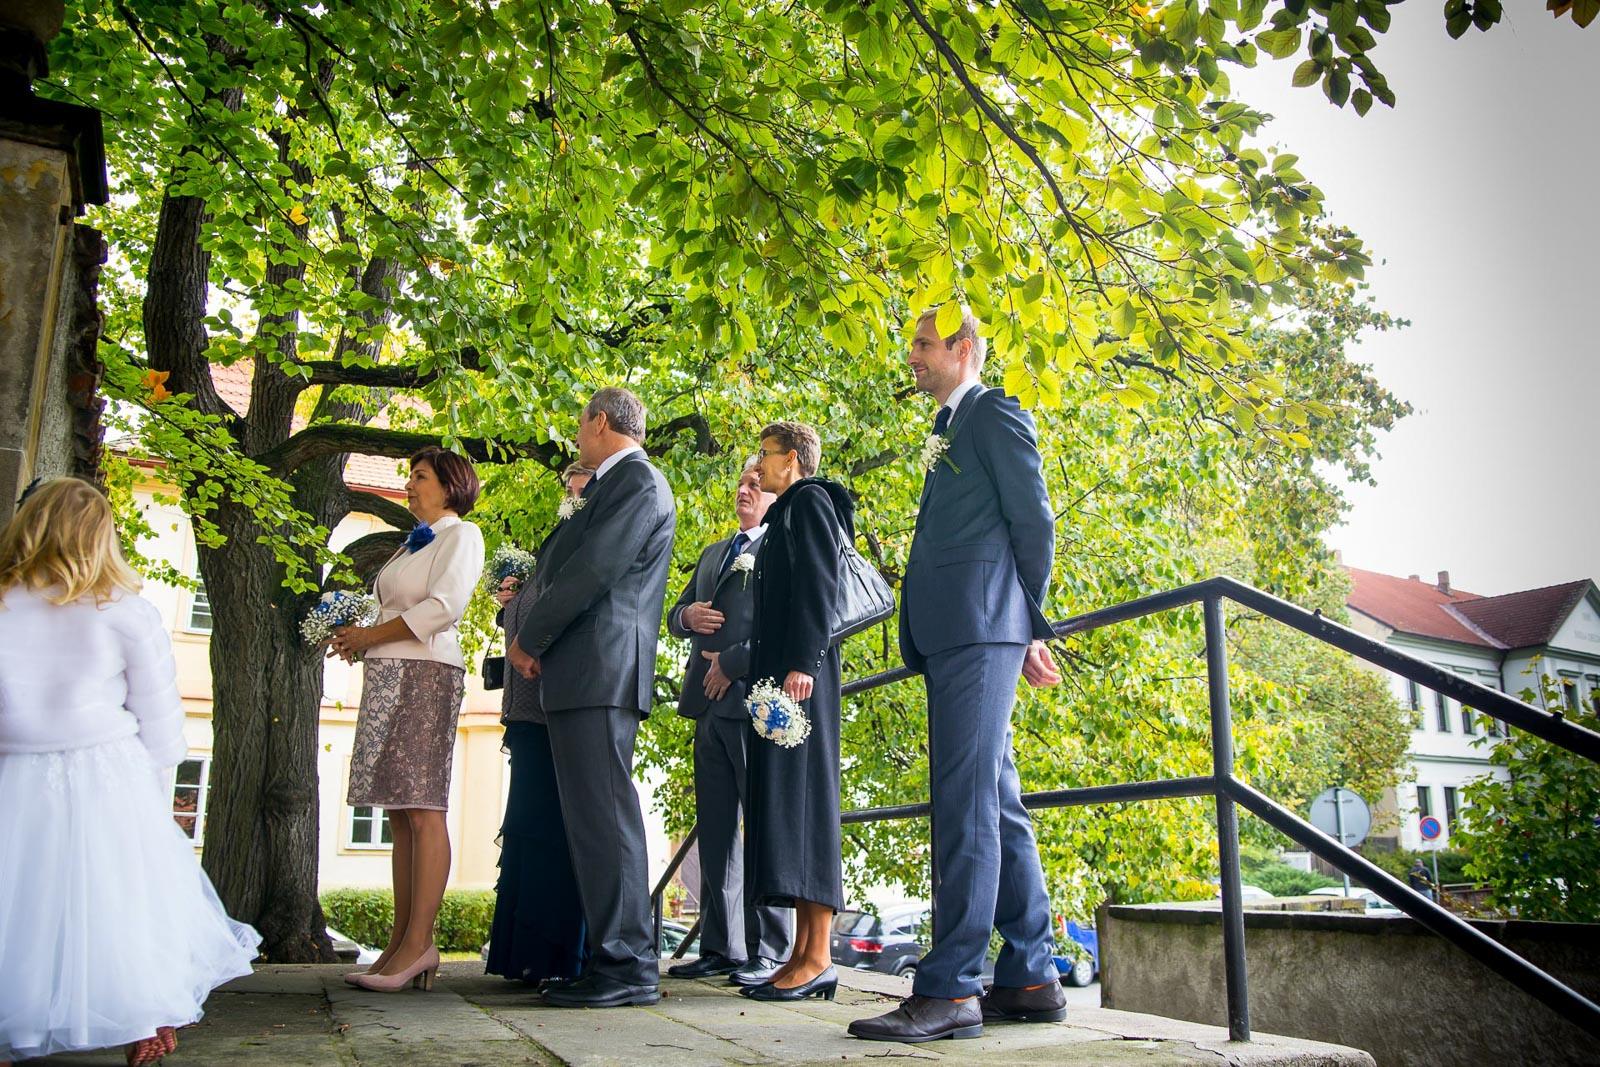 svatba Praha Celakovice svatebni fotograf-83